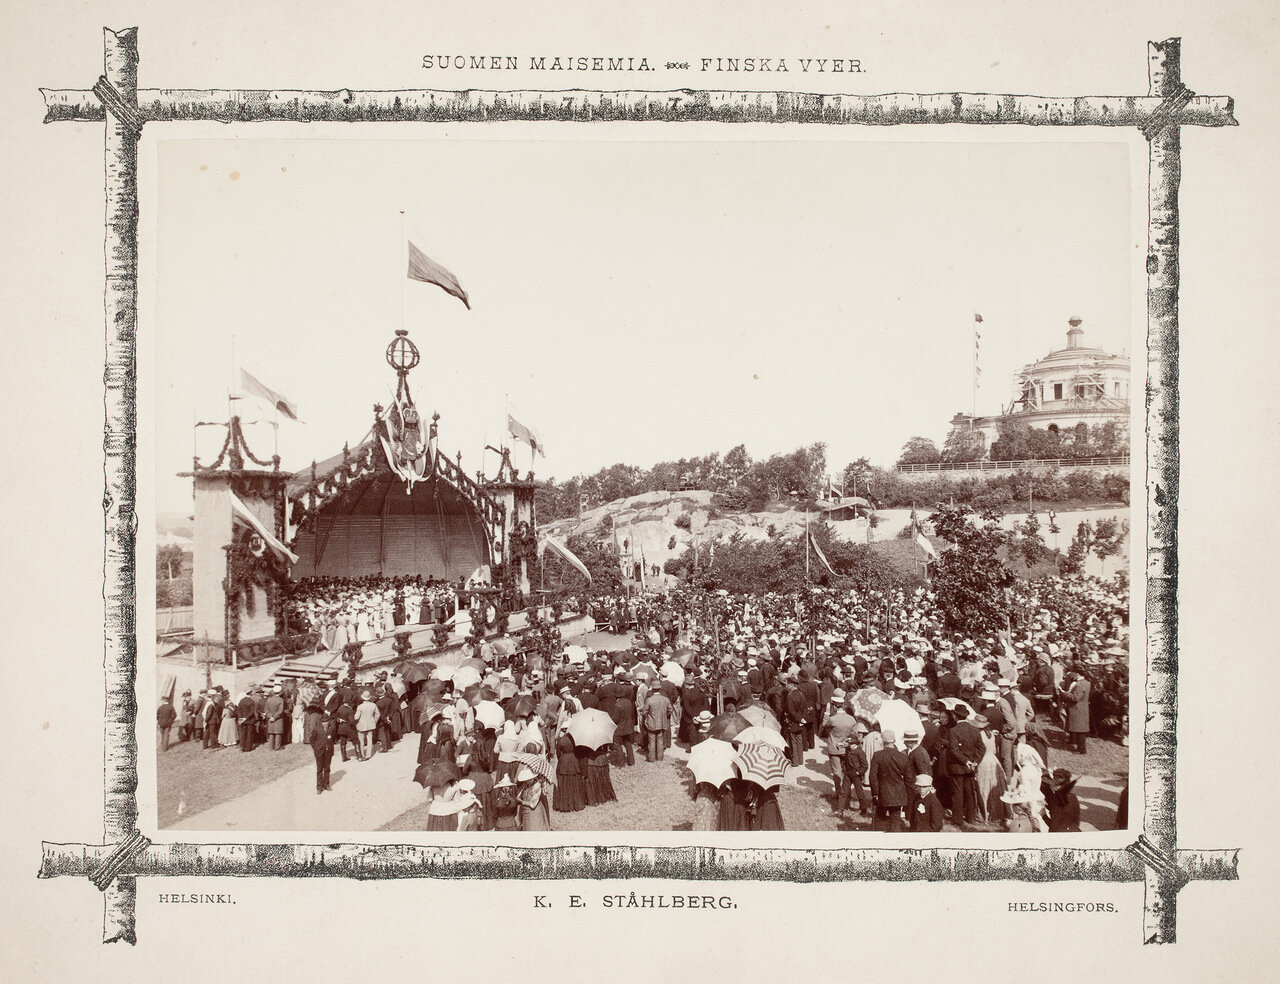 Концерт на открытой сцене в обсерватории в Турку в 1892 году.